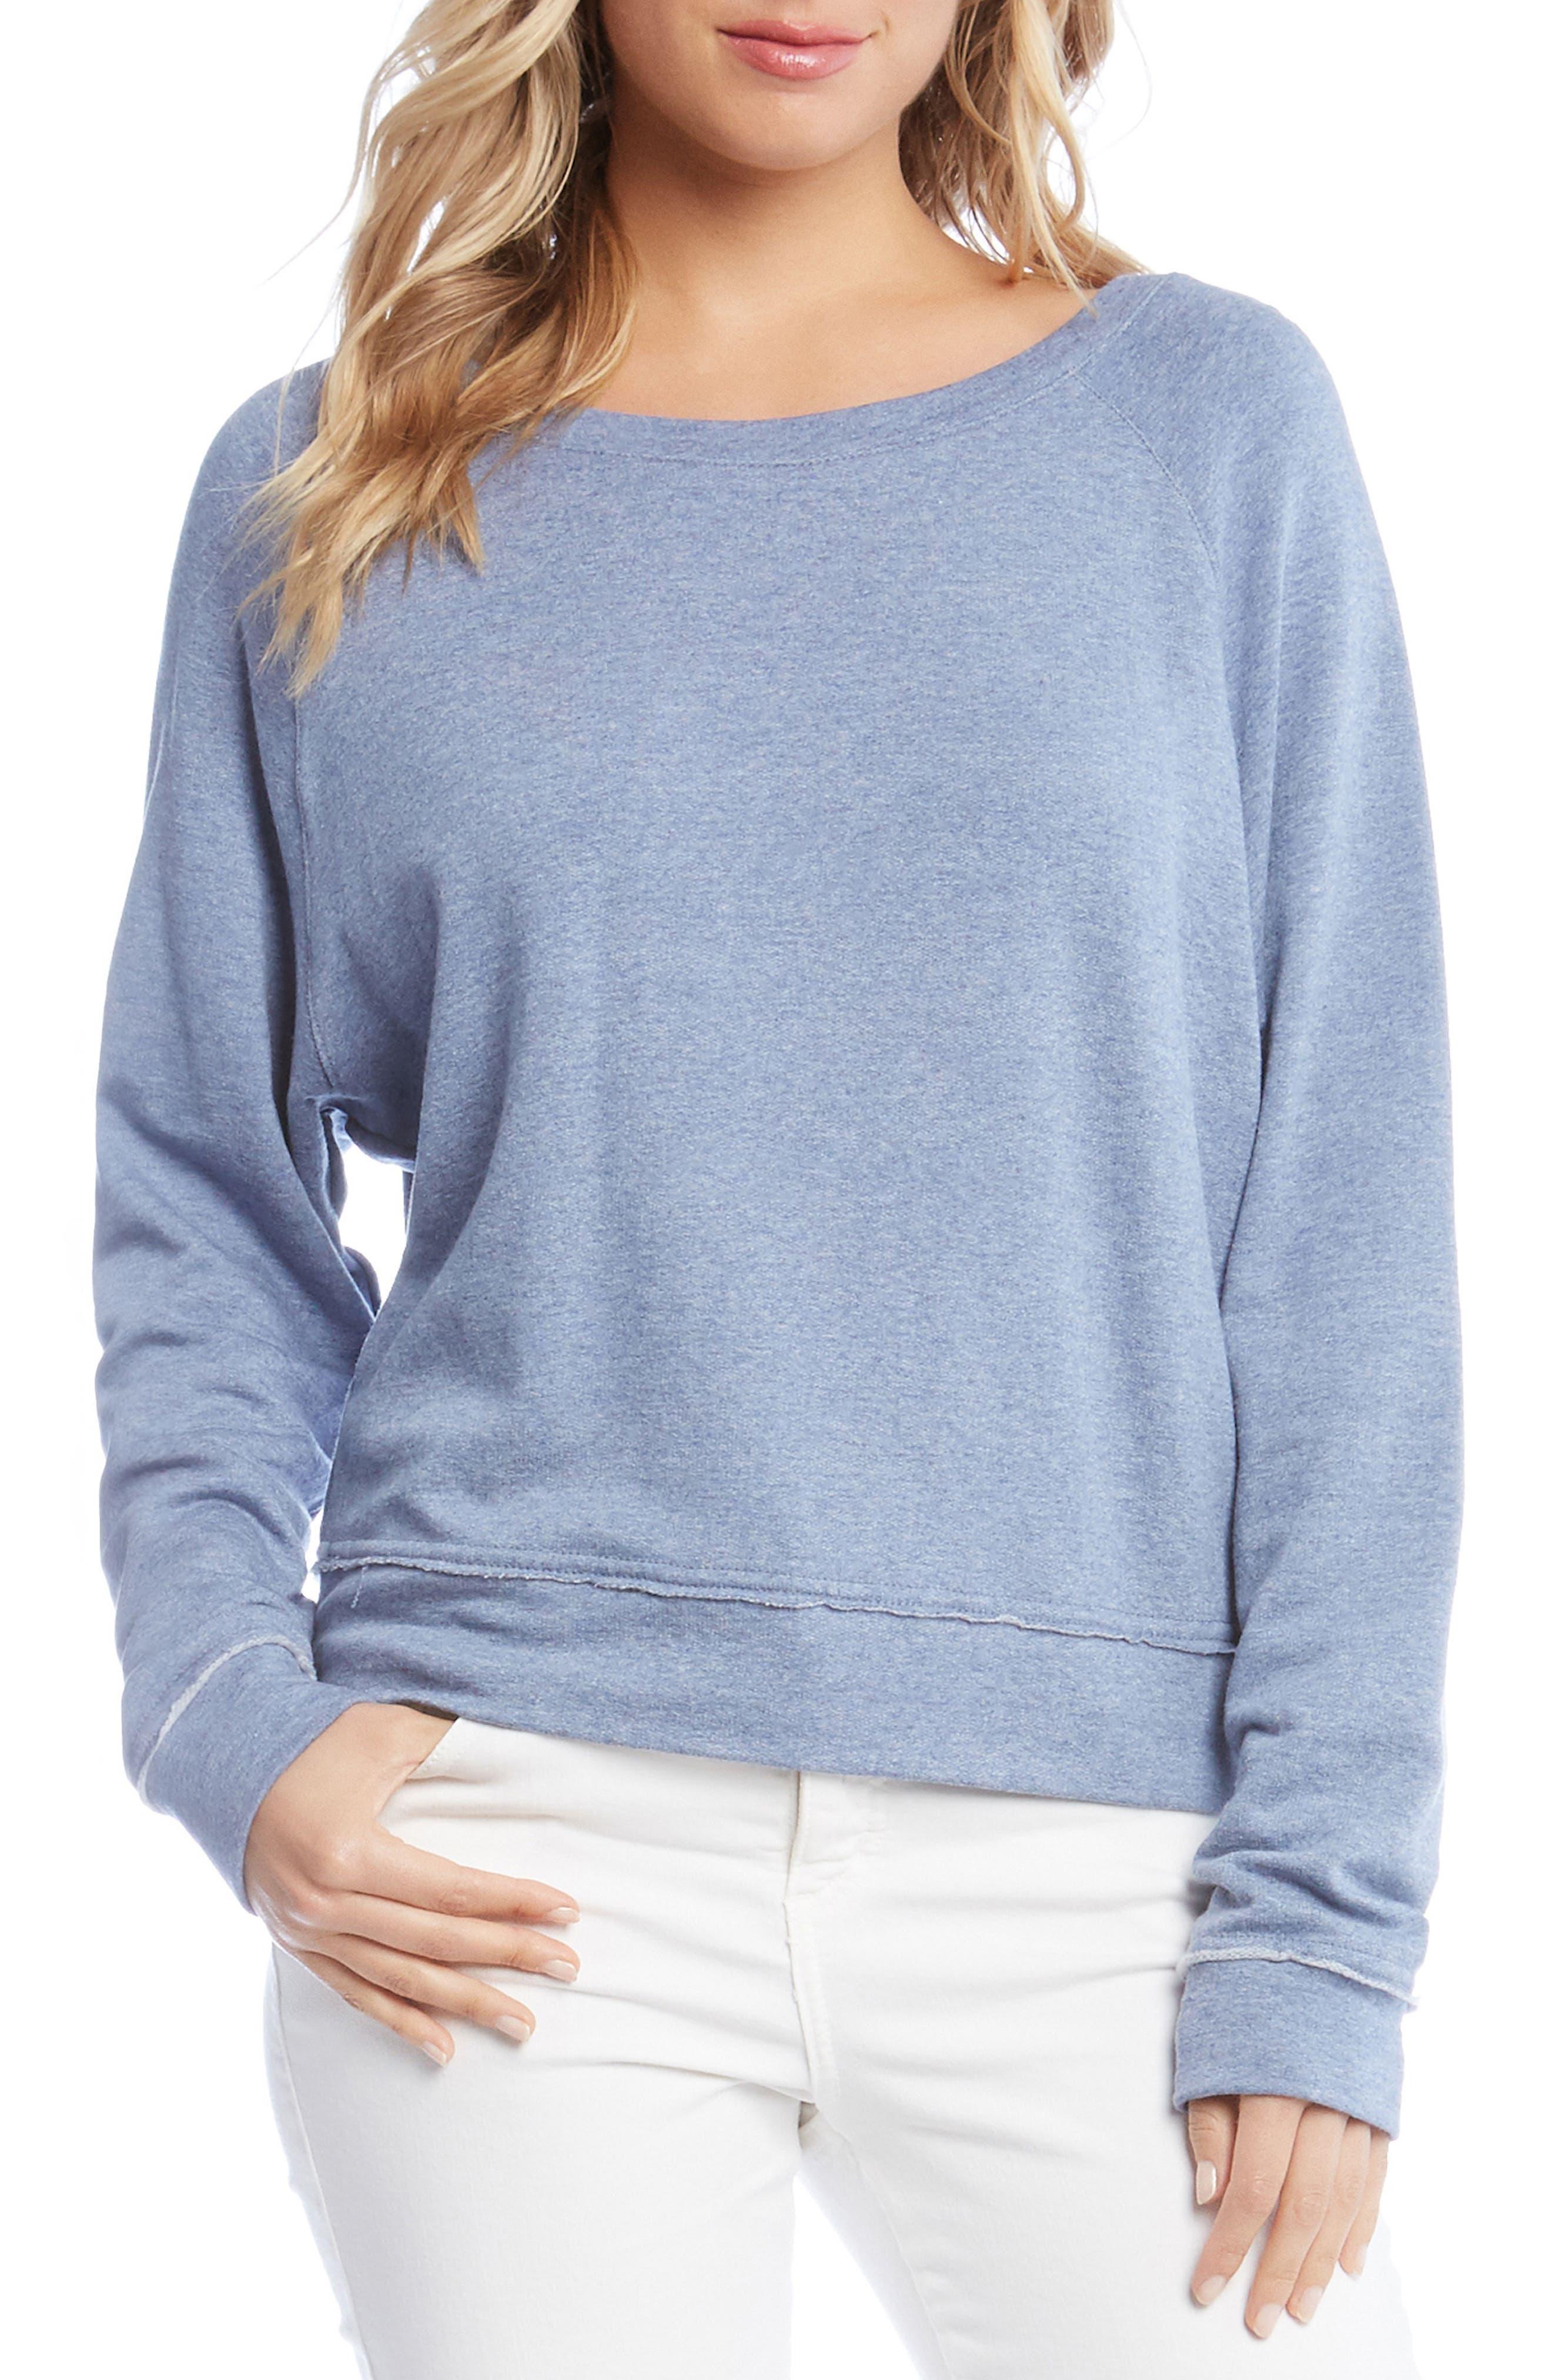 Raw Seam Pullover Top,                             Main thumbnail 1, color,                             Chambray